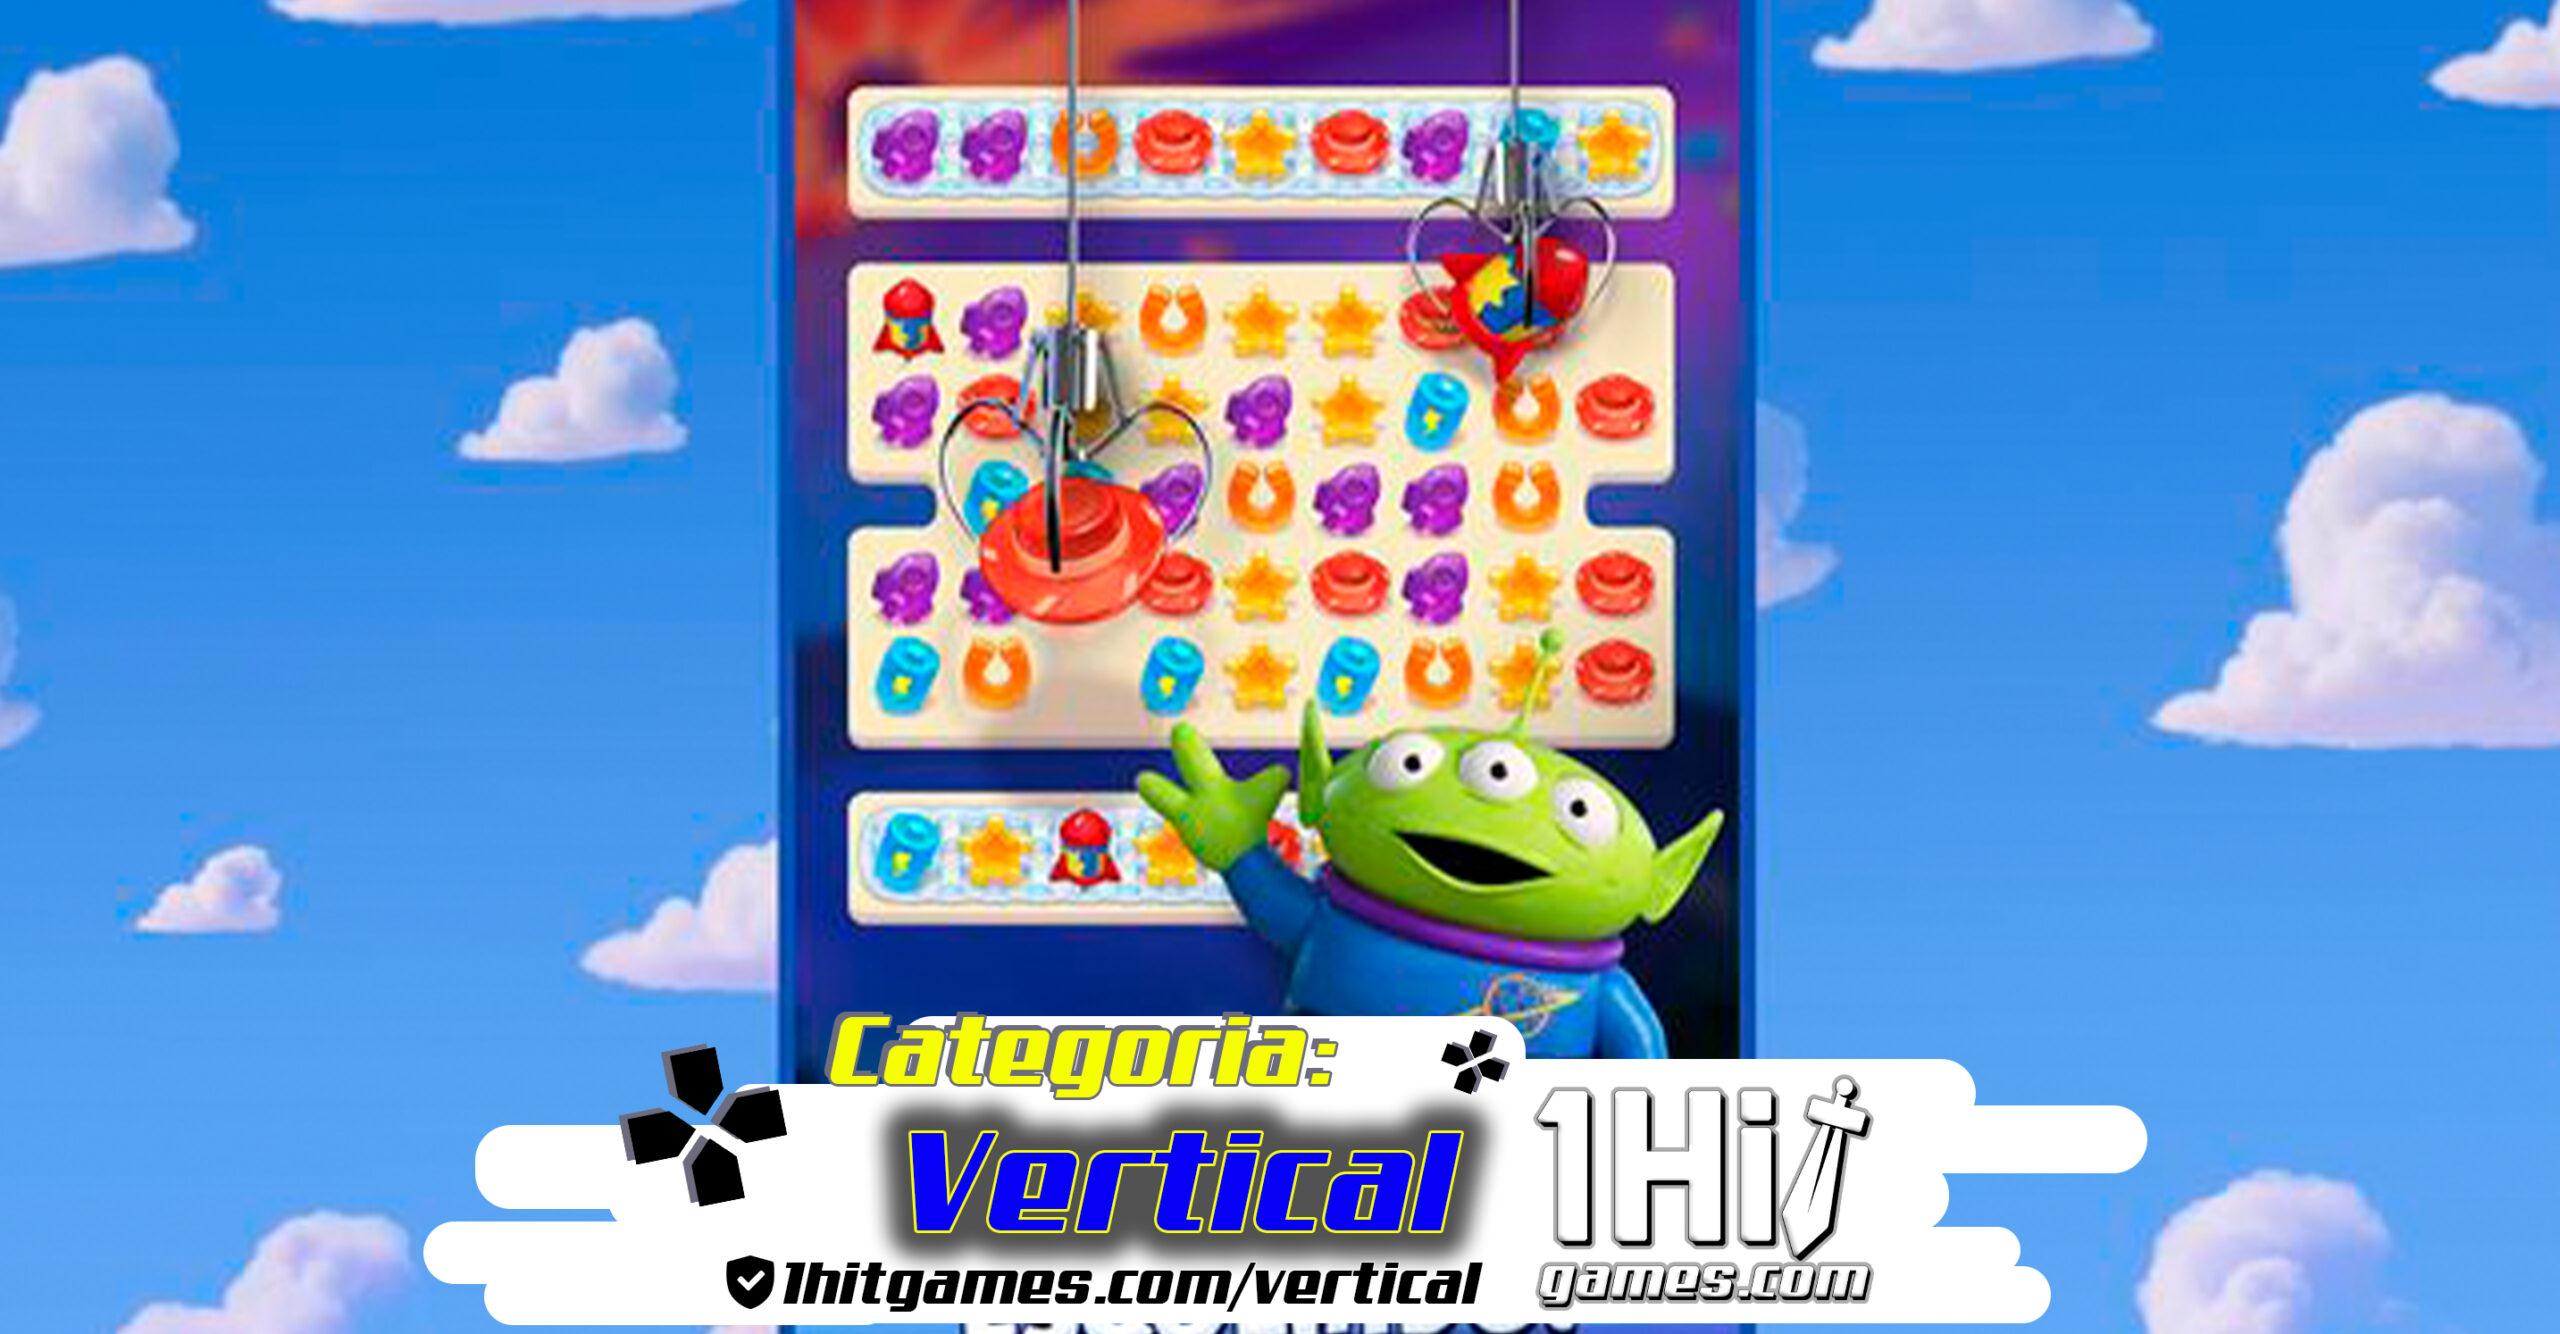 vertical games 1hitgames jogos eletronicos categorias 1hit